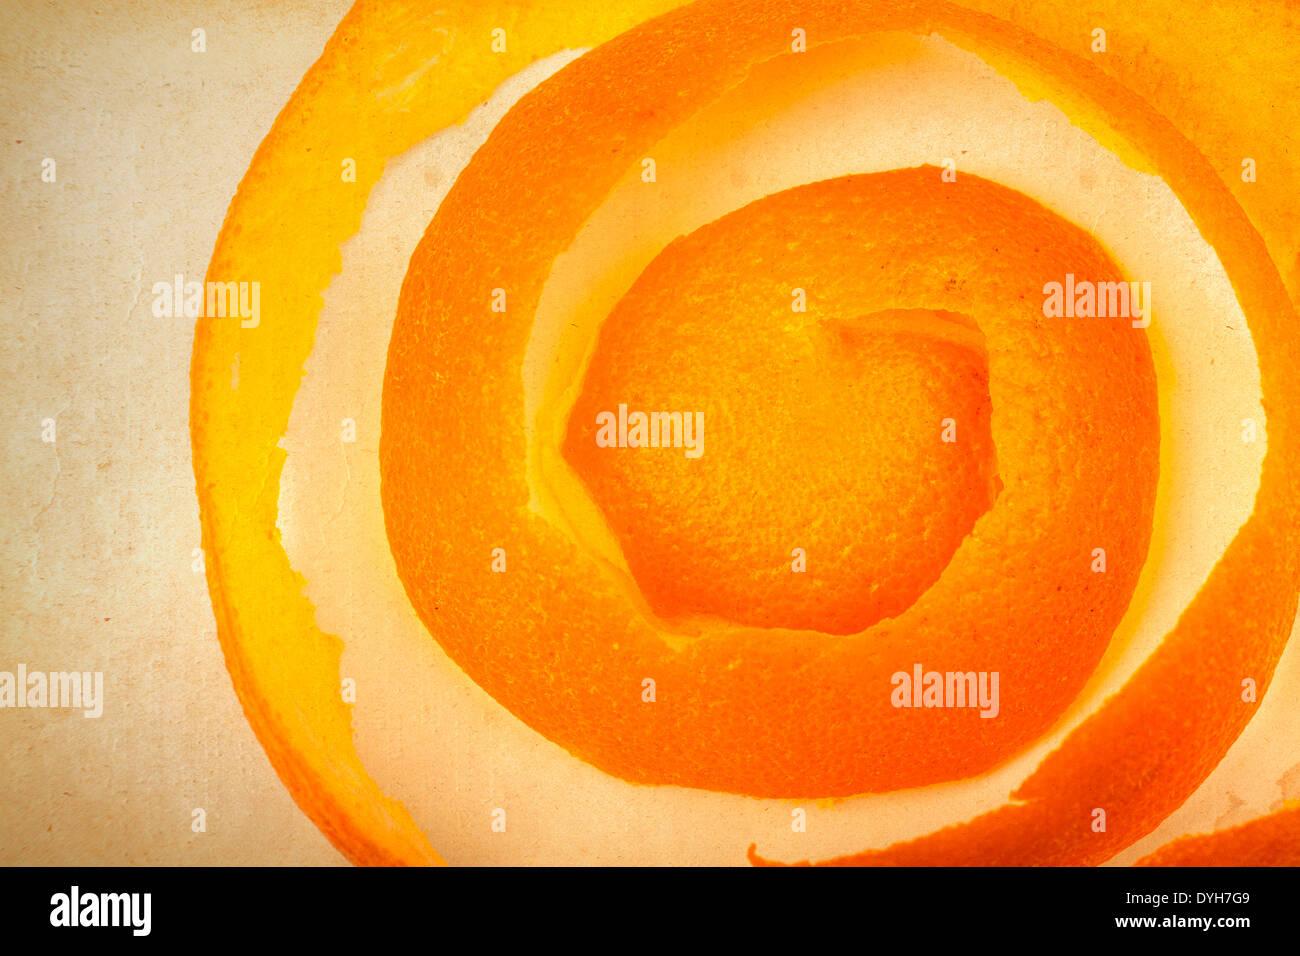 orange peel - Stock Image